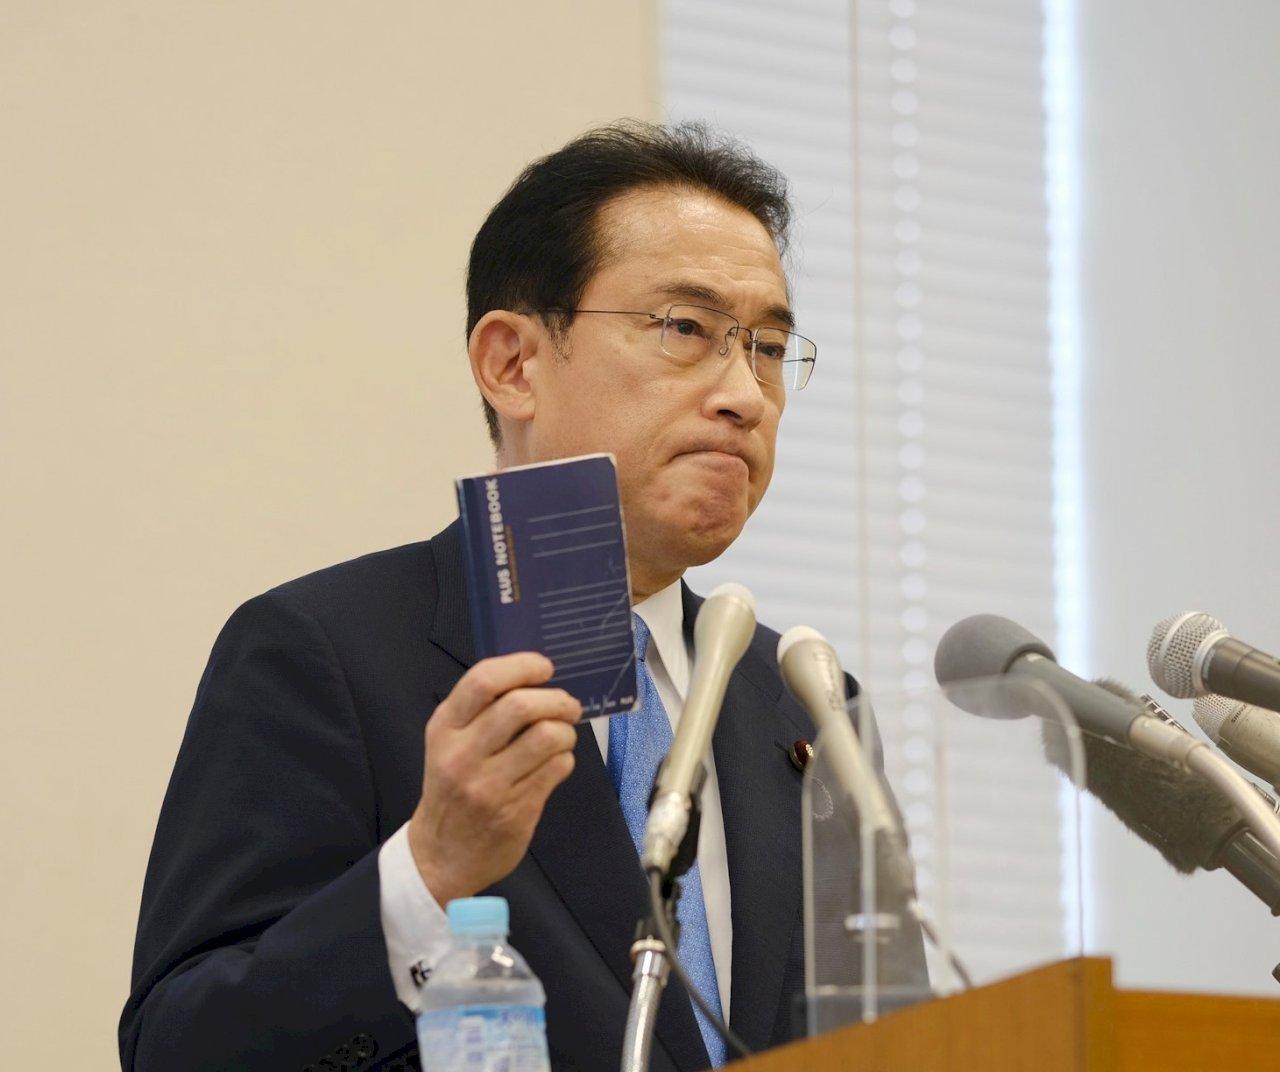 旅日資深媒體人劉黎兒:親台派岸田文雄可望獲黨內支持擔任下屆首相